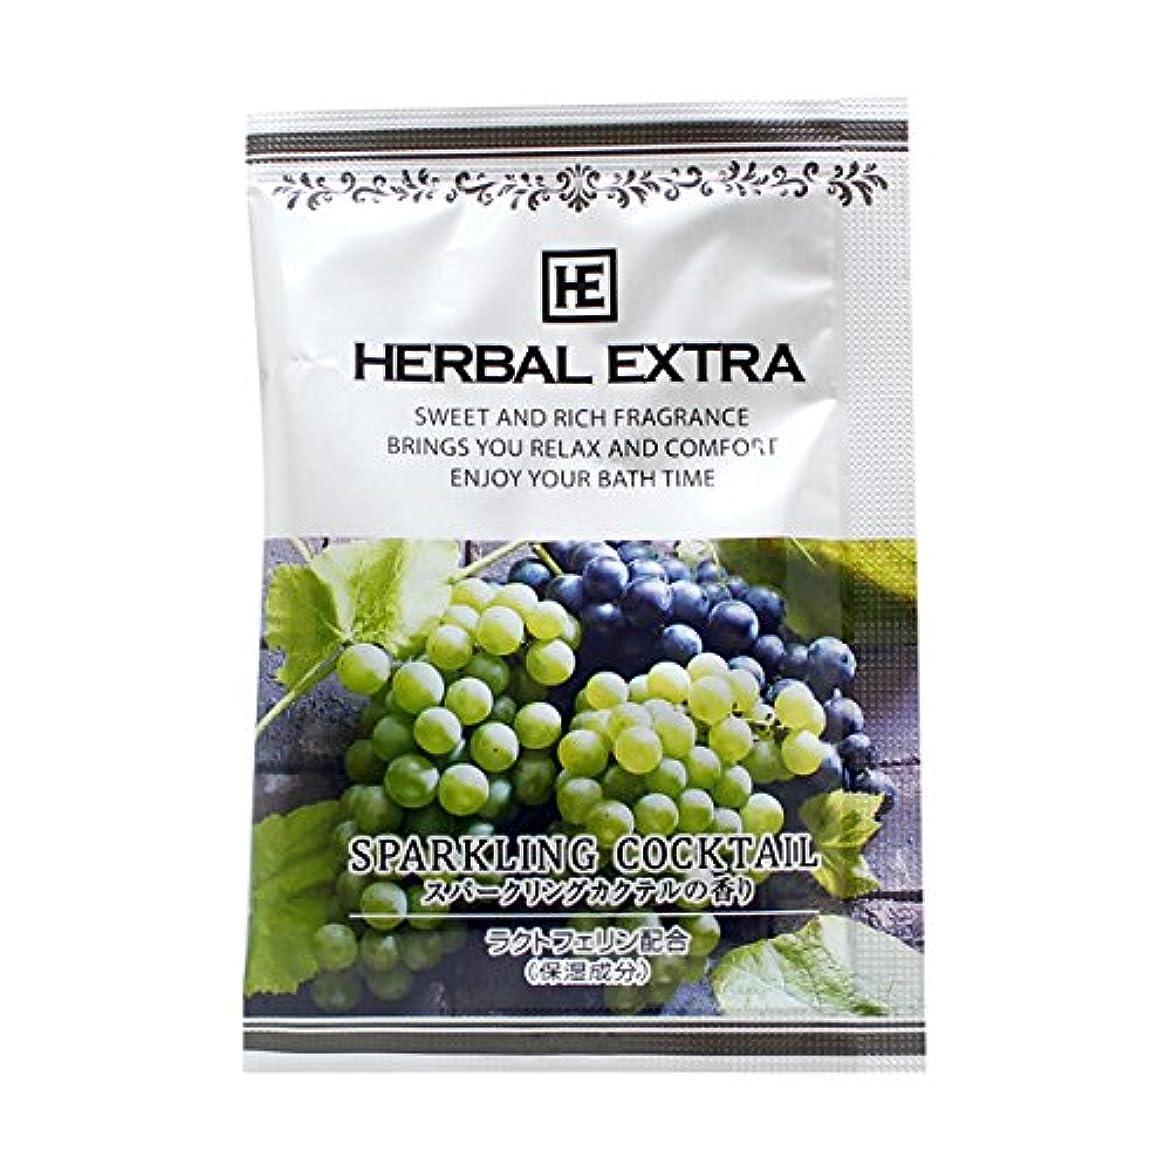 クリップ擬人化樫の木入浴剤 ハーバルエクストラ「スパークリングカクテルの香り」30個